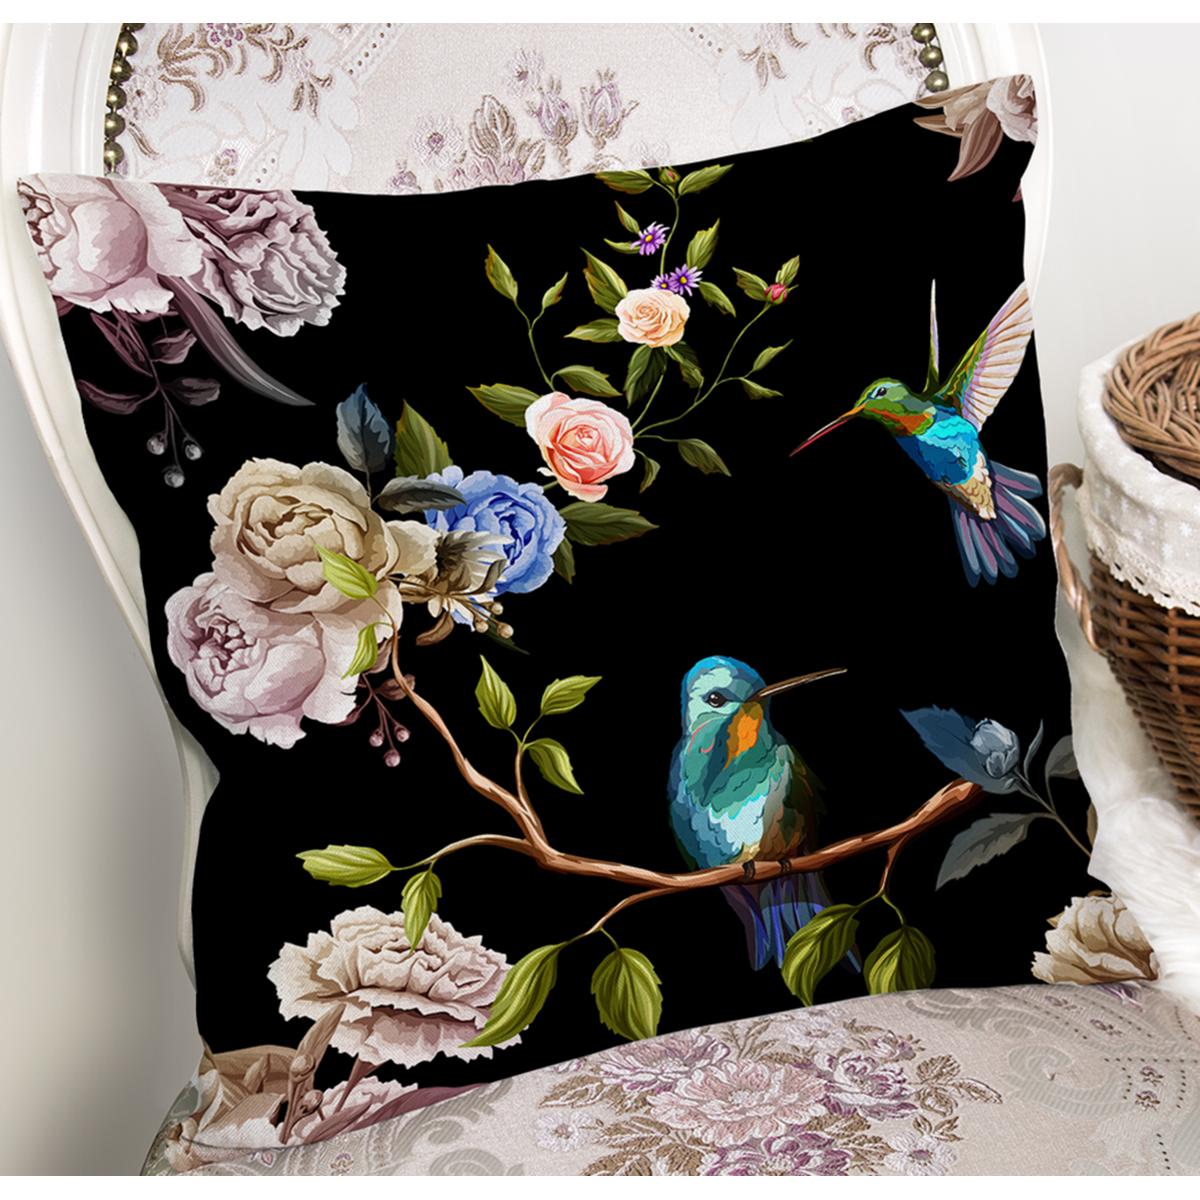 Siyah Zemin Üzerinde Kuş Desenli Dijital Baskılı Modern Yastık Kırlent Kılıfı Realhomes